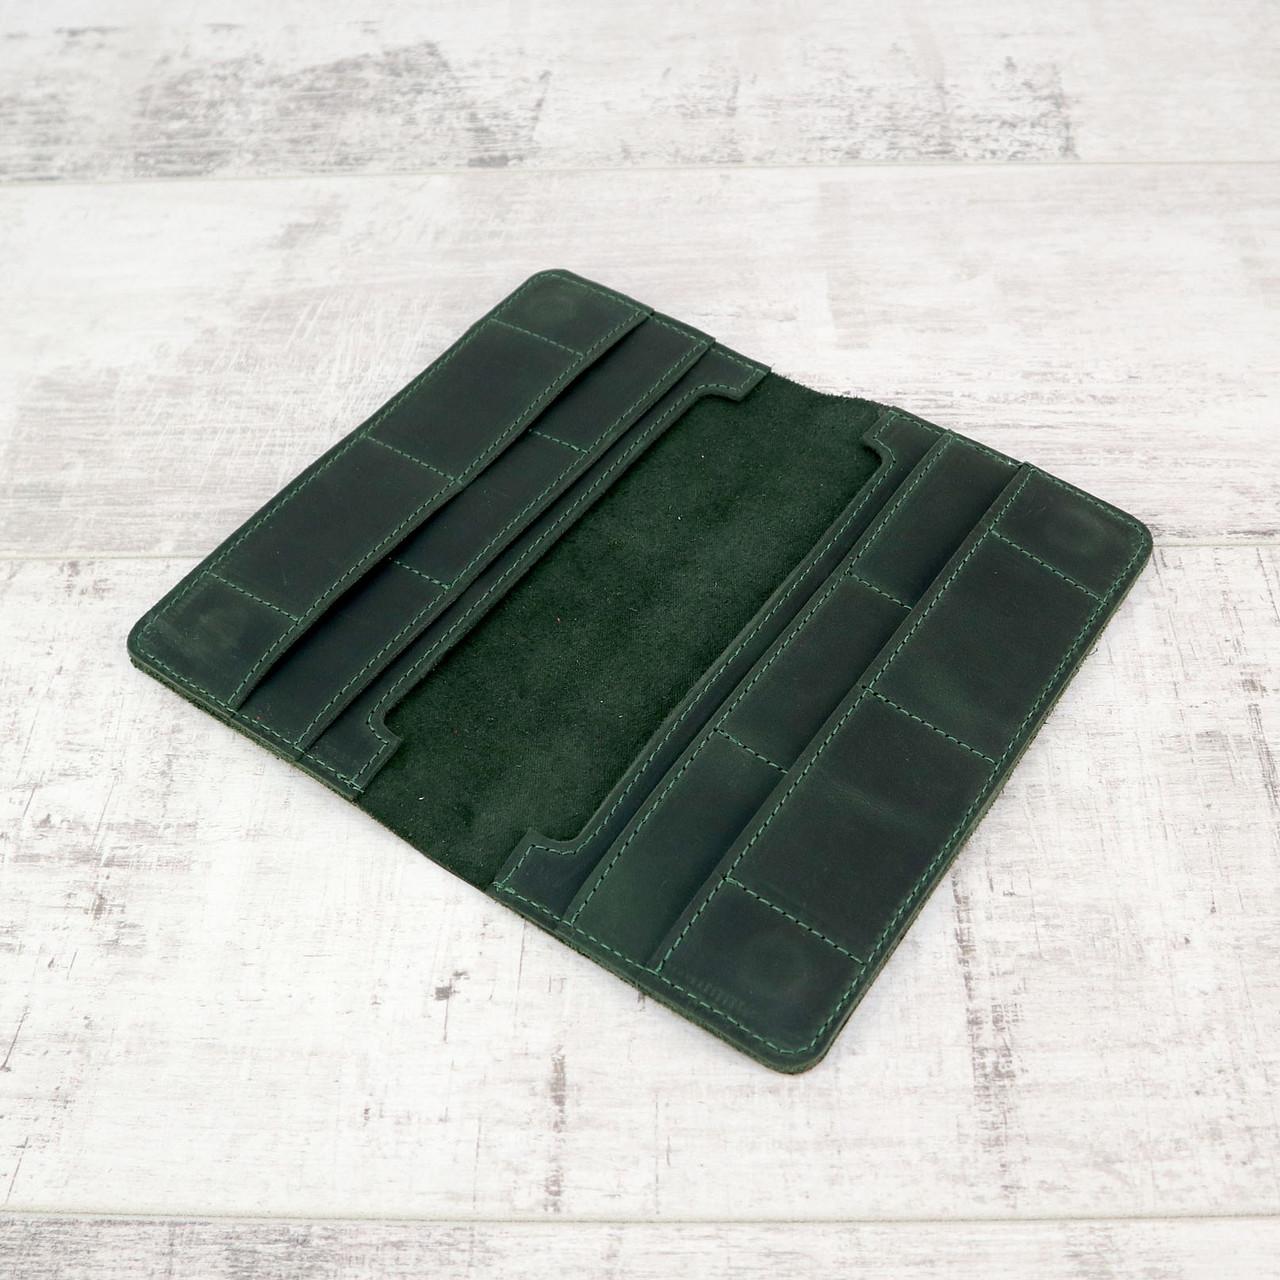 Кошелек 10 cards зеленый из натуральной кожи crazy horse